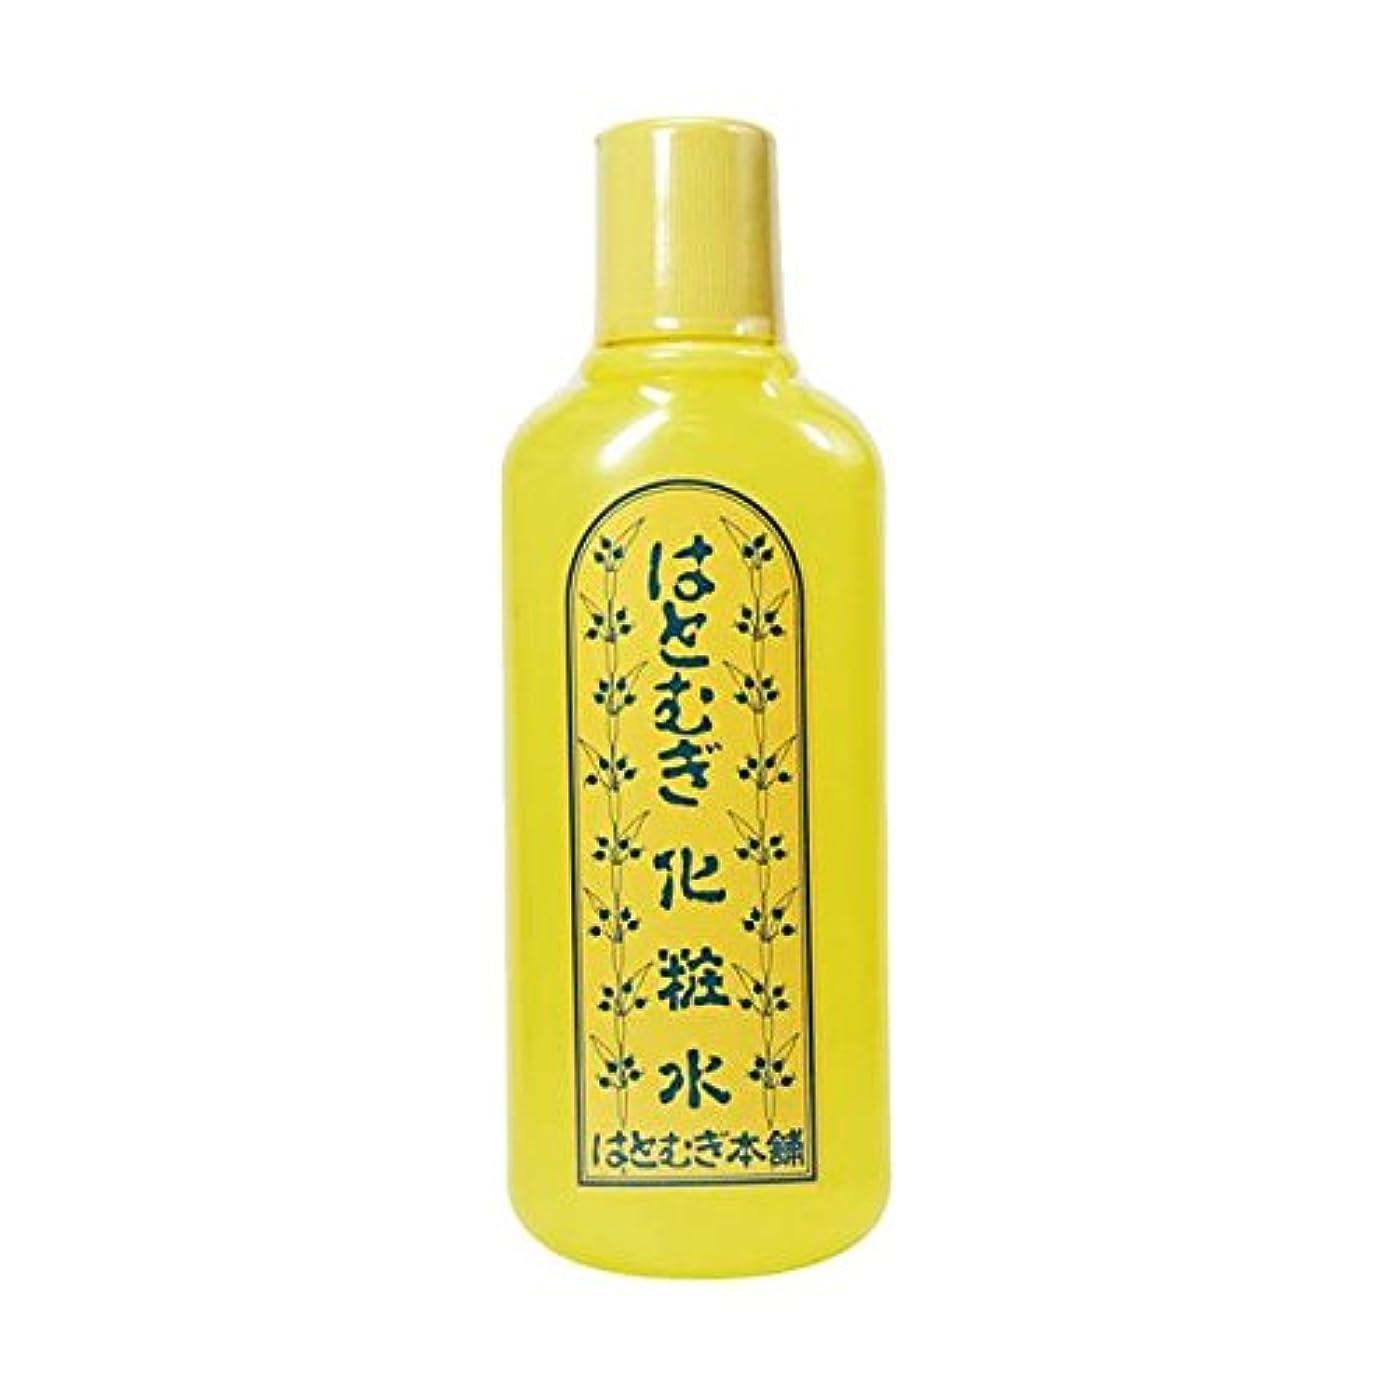 適用するパターンクランプお徳用 はとむぎ化粧水 250ml×3セット